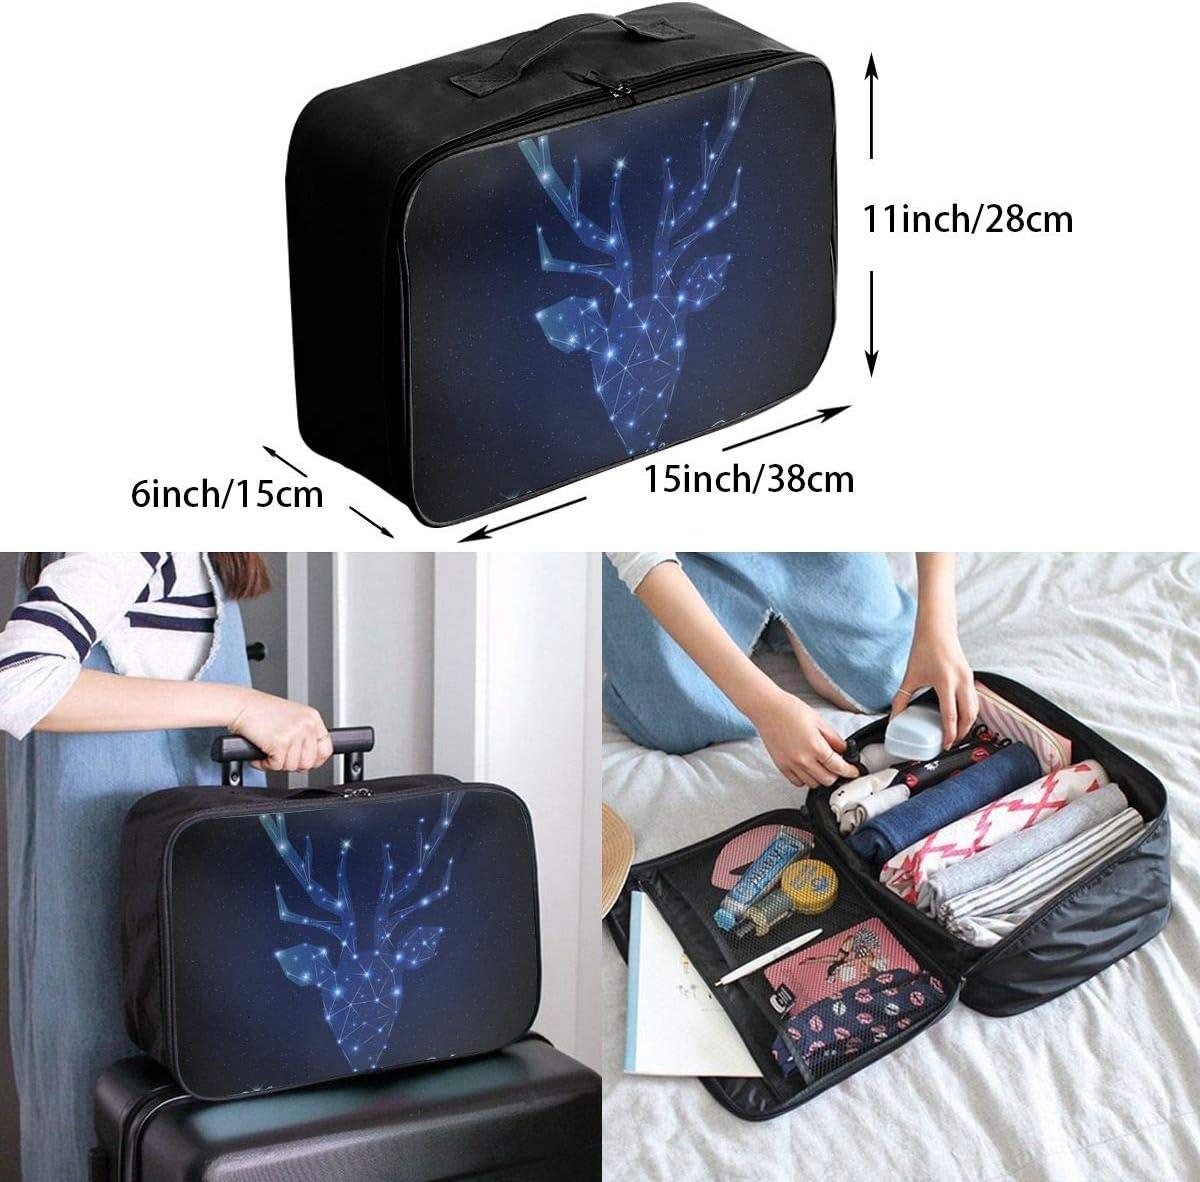 Deer Christmas Galaxy Travel Carry-on Luggage Weekender Bag Overnight Tote Flight Duffel In Trolley Handle